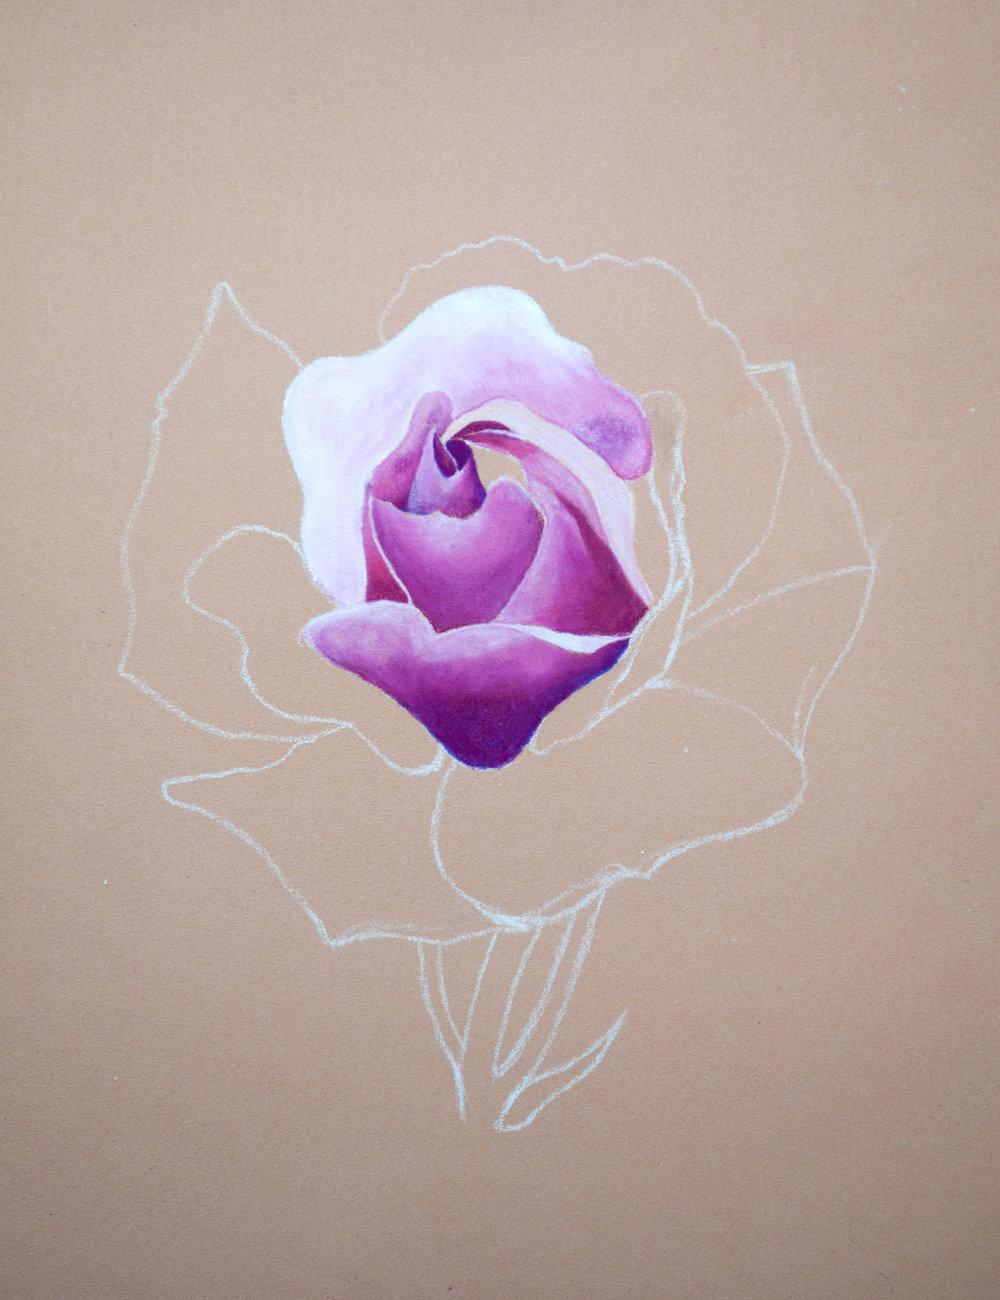 kohinoor pastel flower image 3.jpg